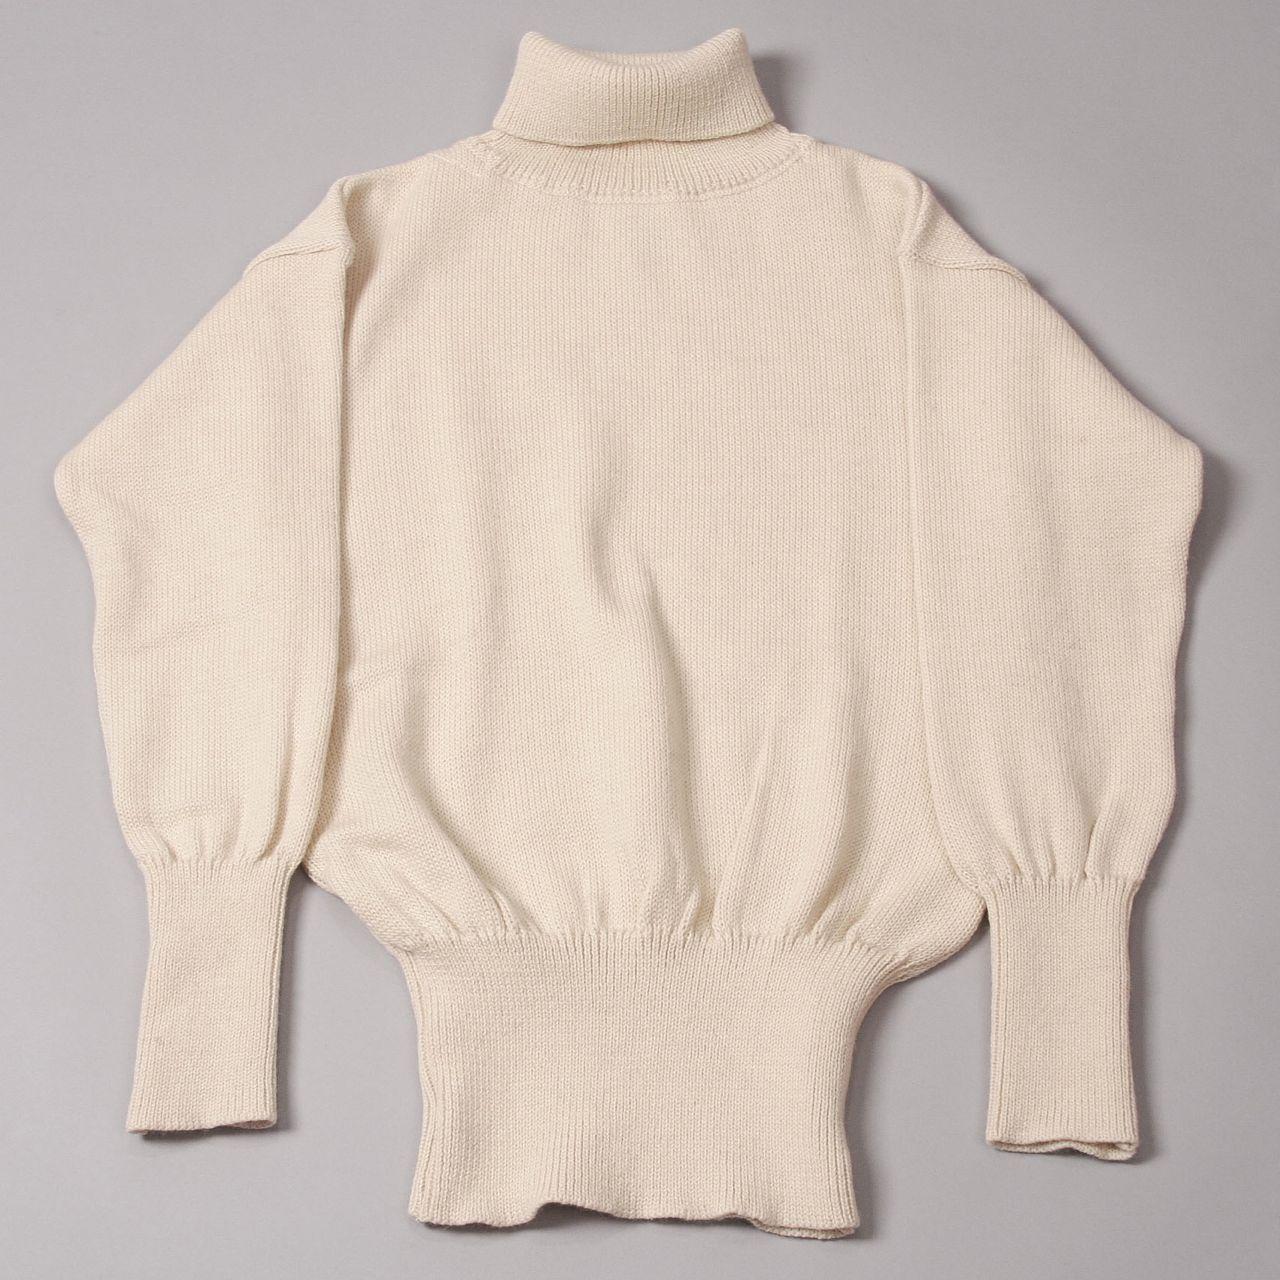 Northsea-clothing-col-roulé-lecatalog.com